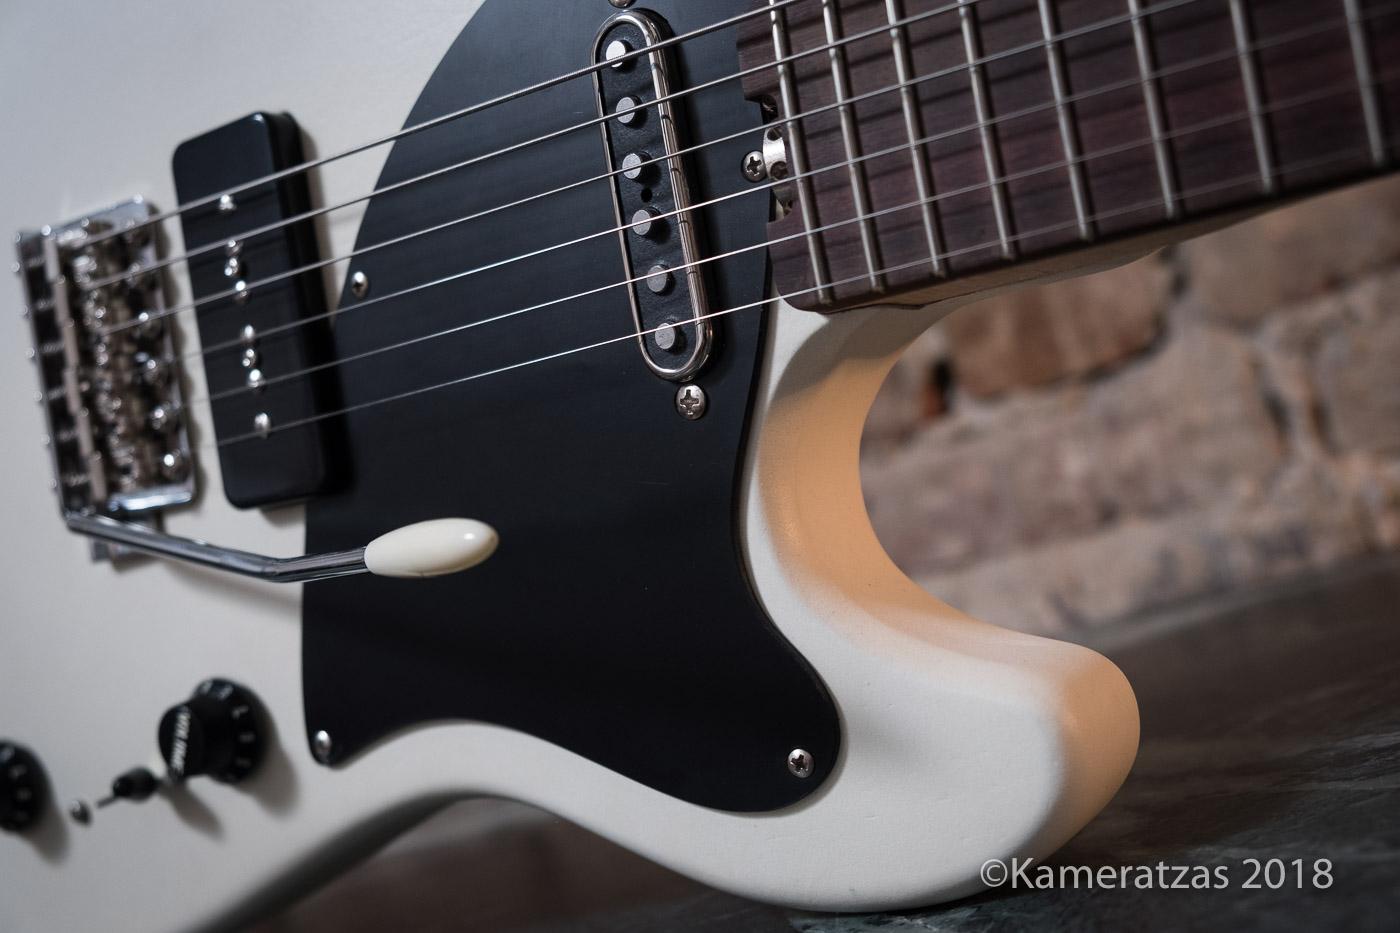 Der Gitarrenladen In Berlin Akustische Gitarren Und Mehr One Pickup Wiring Telecaster Guitar Forum Autumn Selection Wm 20181012 22